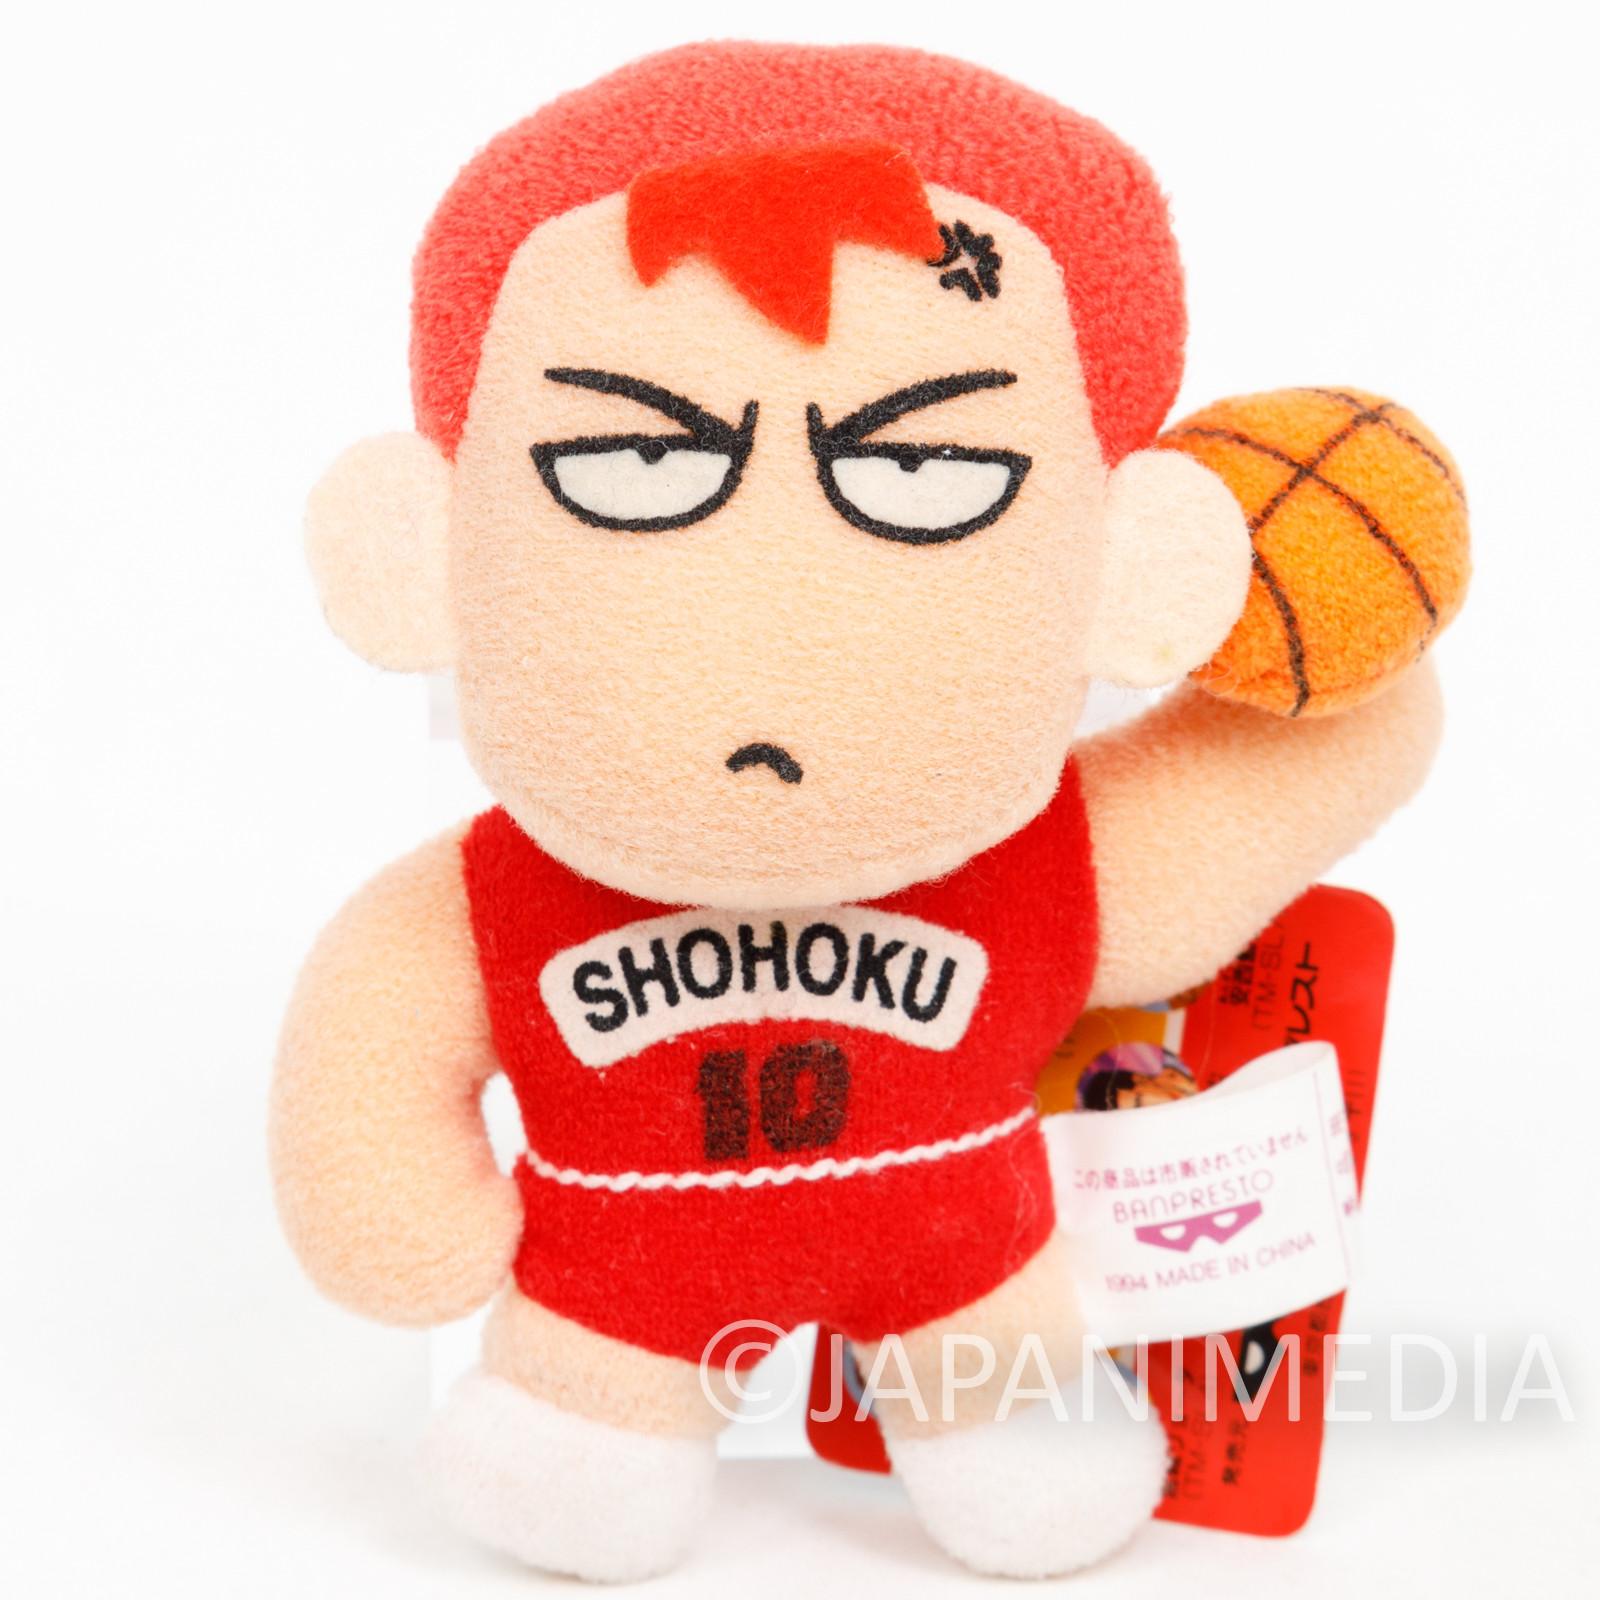 SLAM DUNK Hanamichi Sakuragi Shohoku #10 Plush Doll Strap JAPAN ANIME MANGA